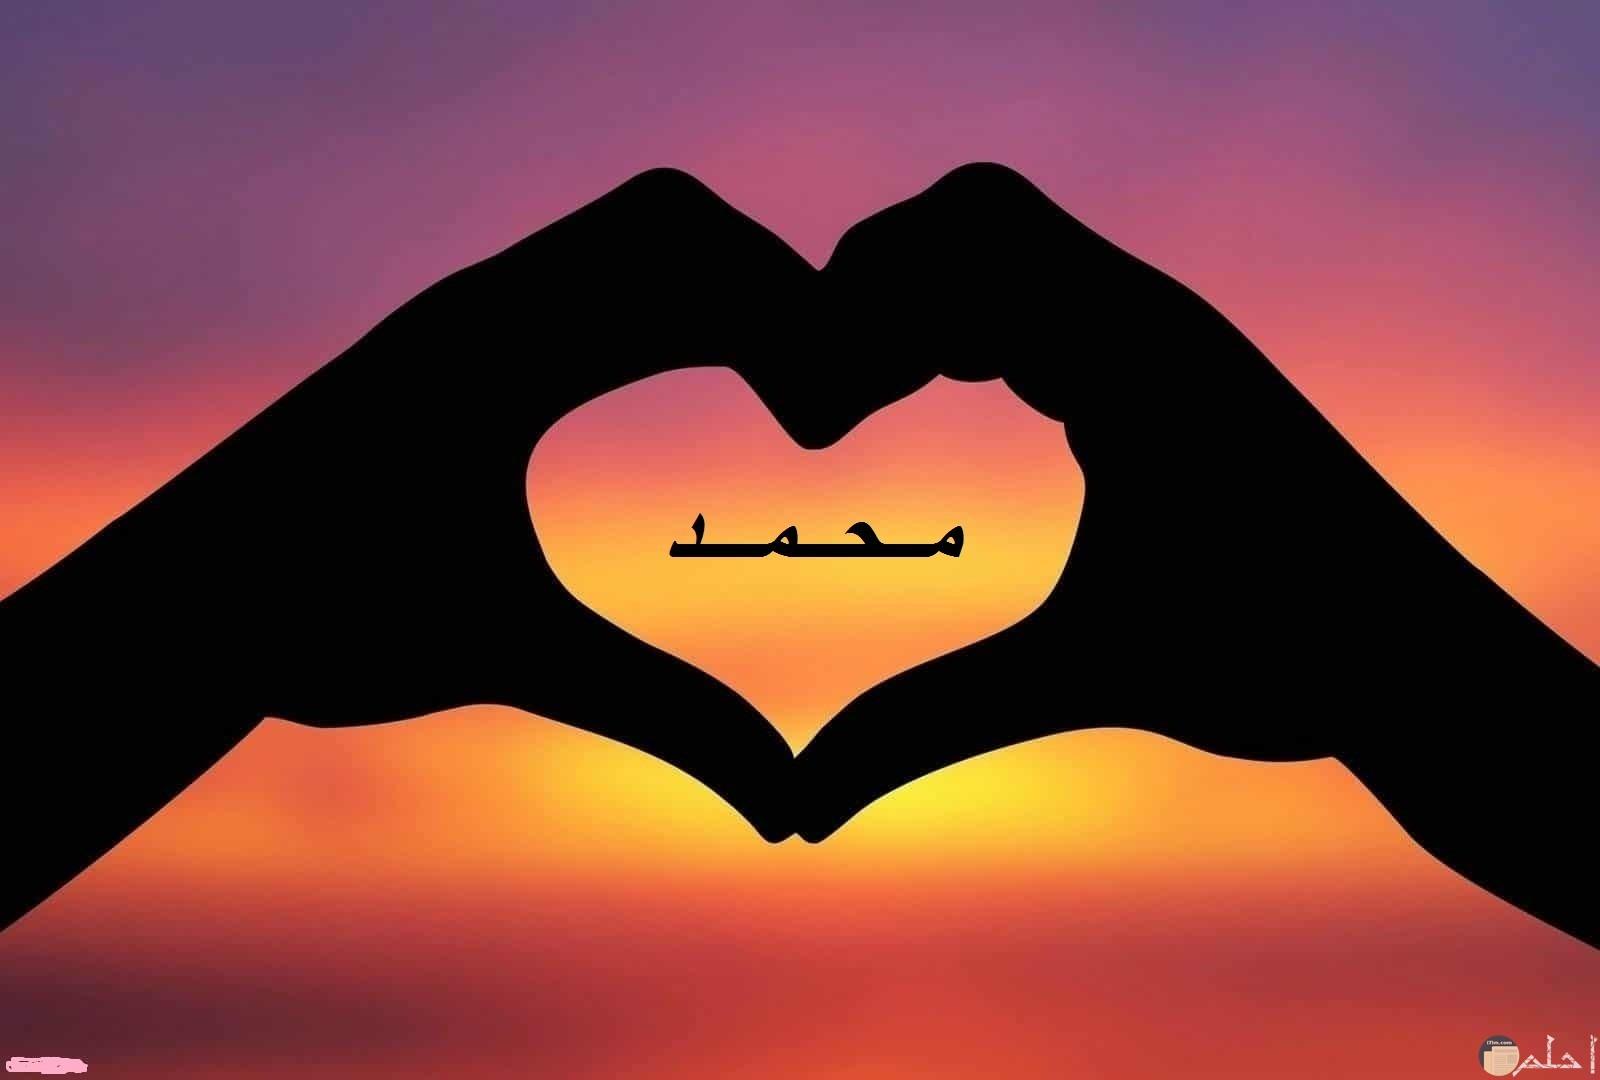 اسم محمد بين قلب